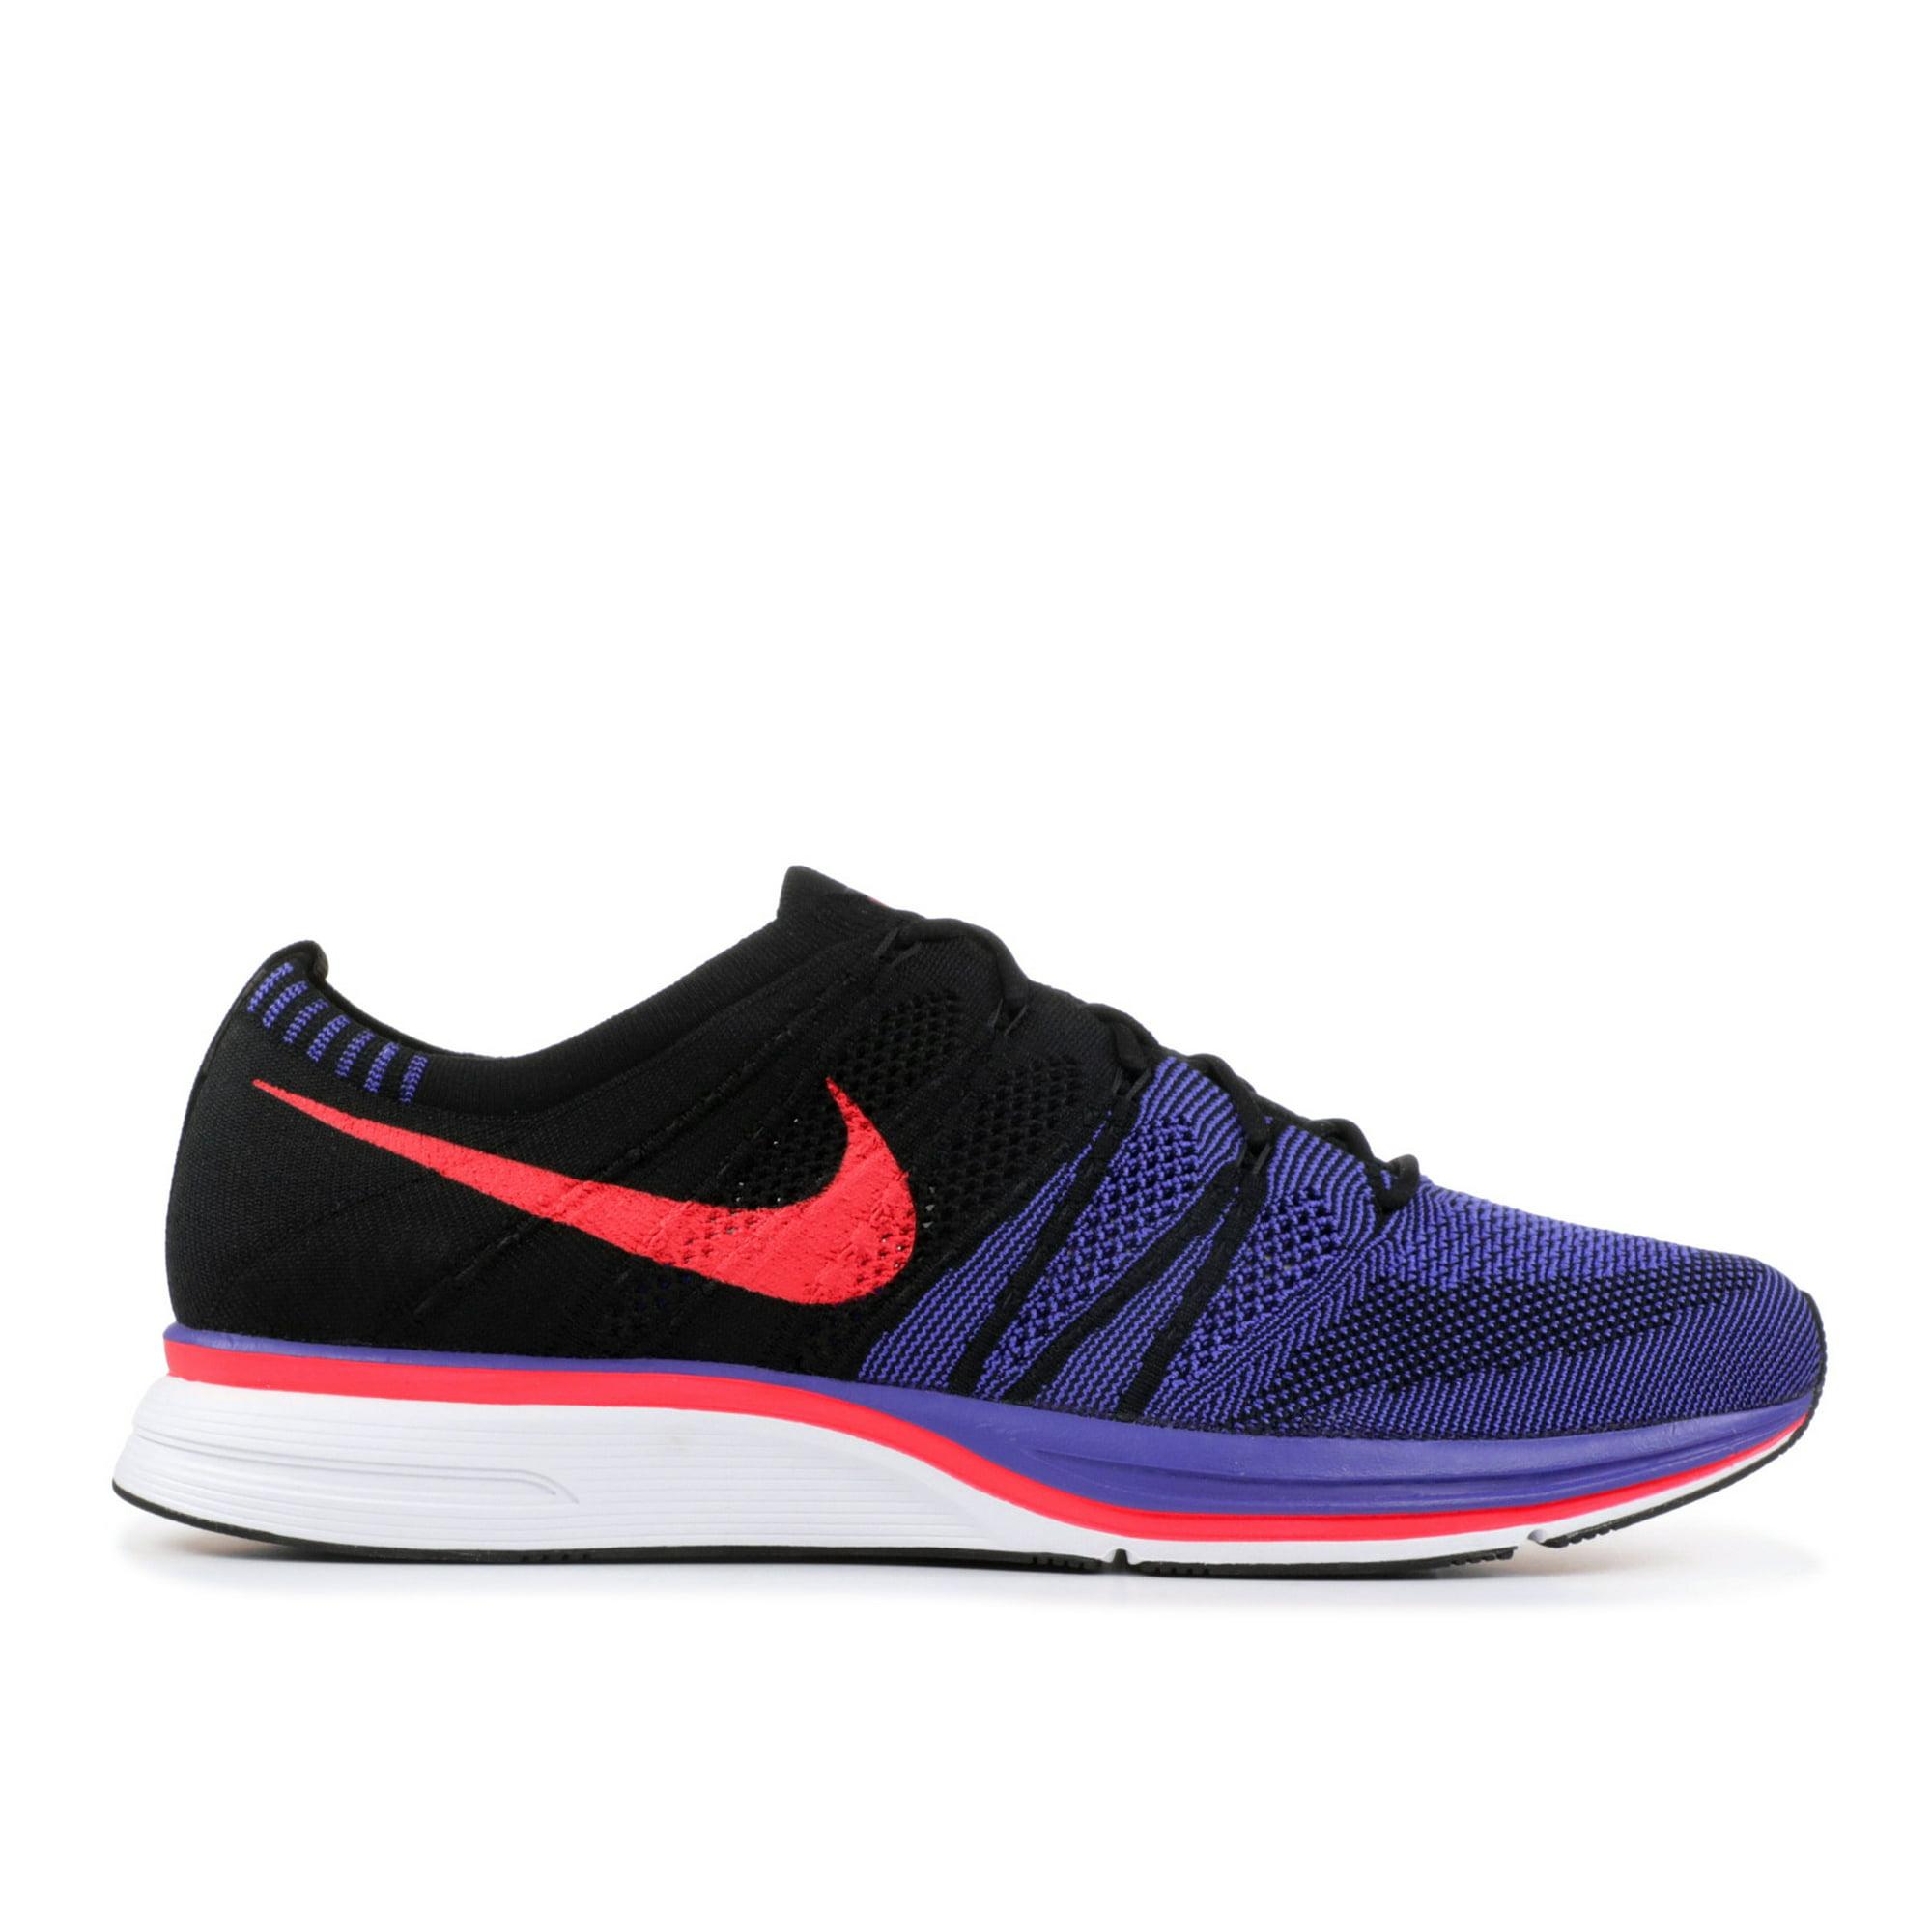 d21c01b337c71 Nike - Men - Nike Flyknit Trainer - Ah8396-003 - Size 10